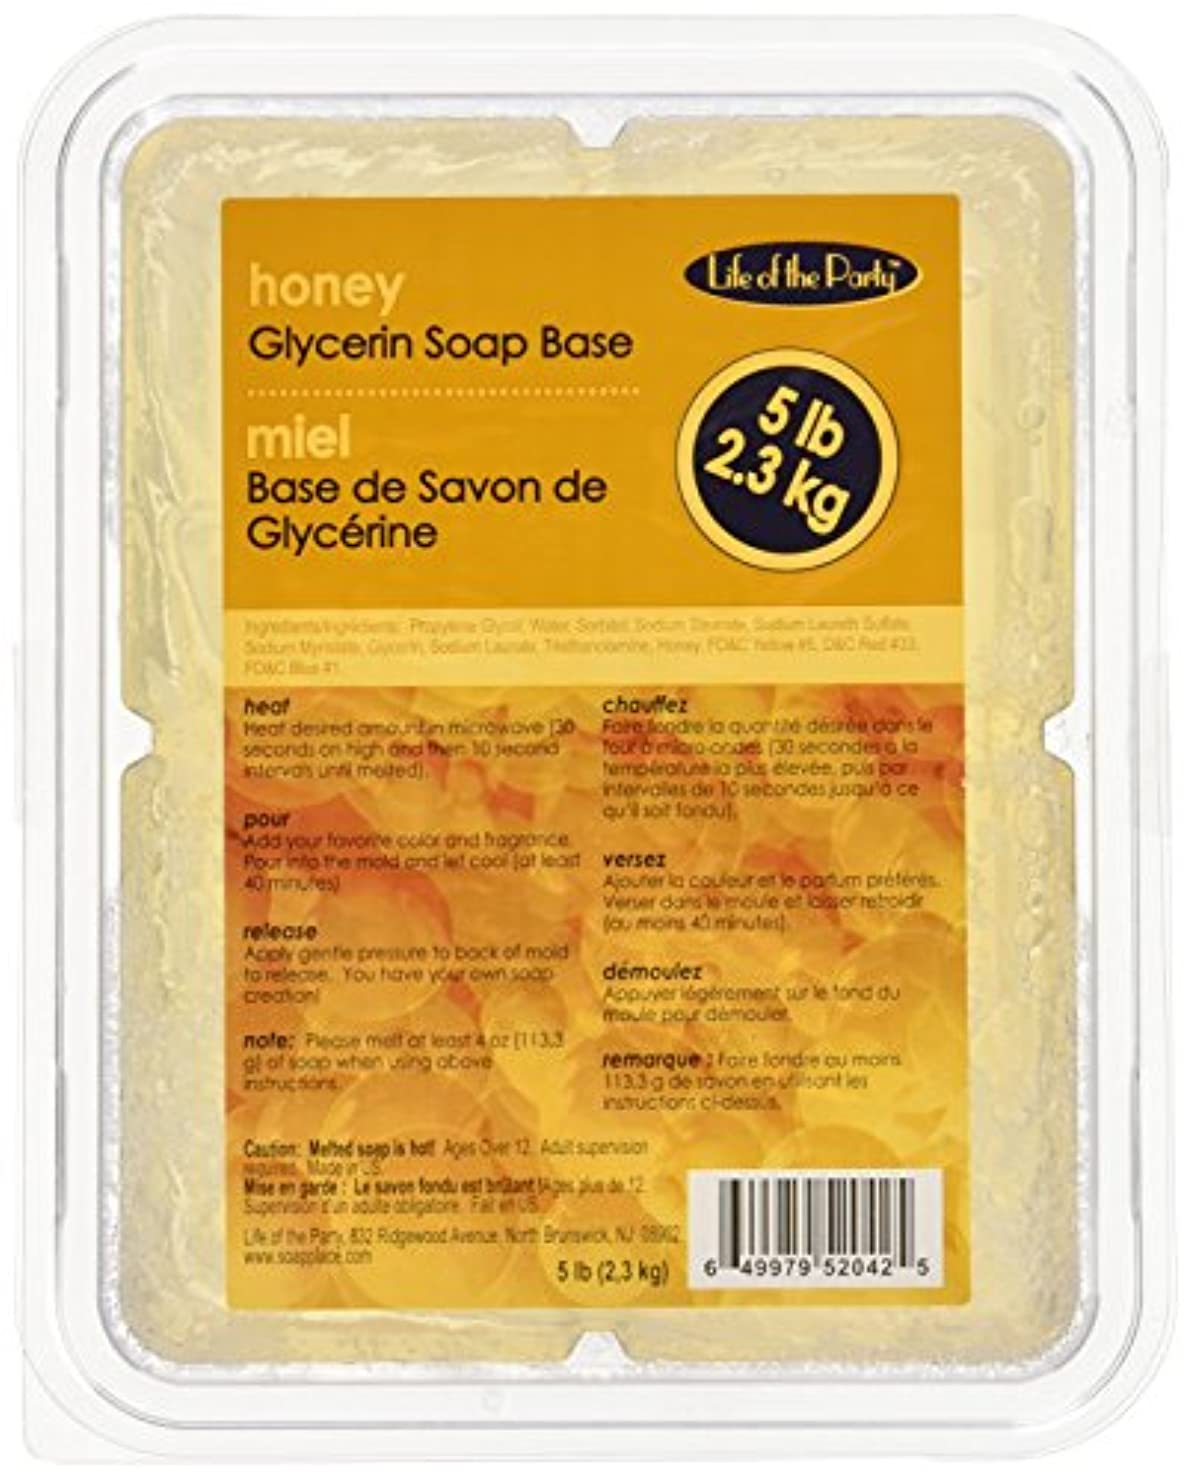 二次無熱心なSoap ベース 5 ポンド蜂蜜